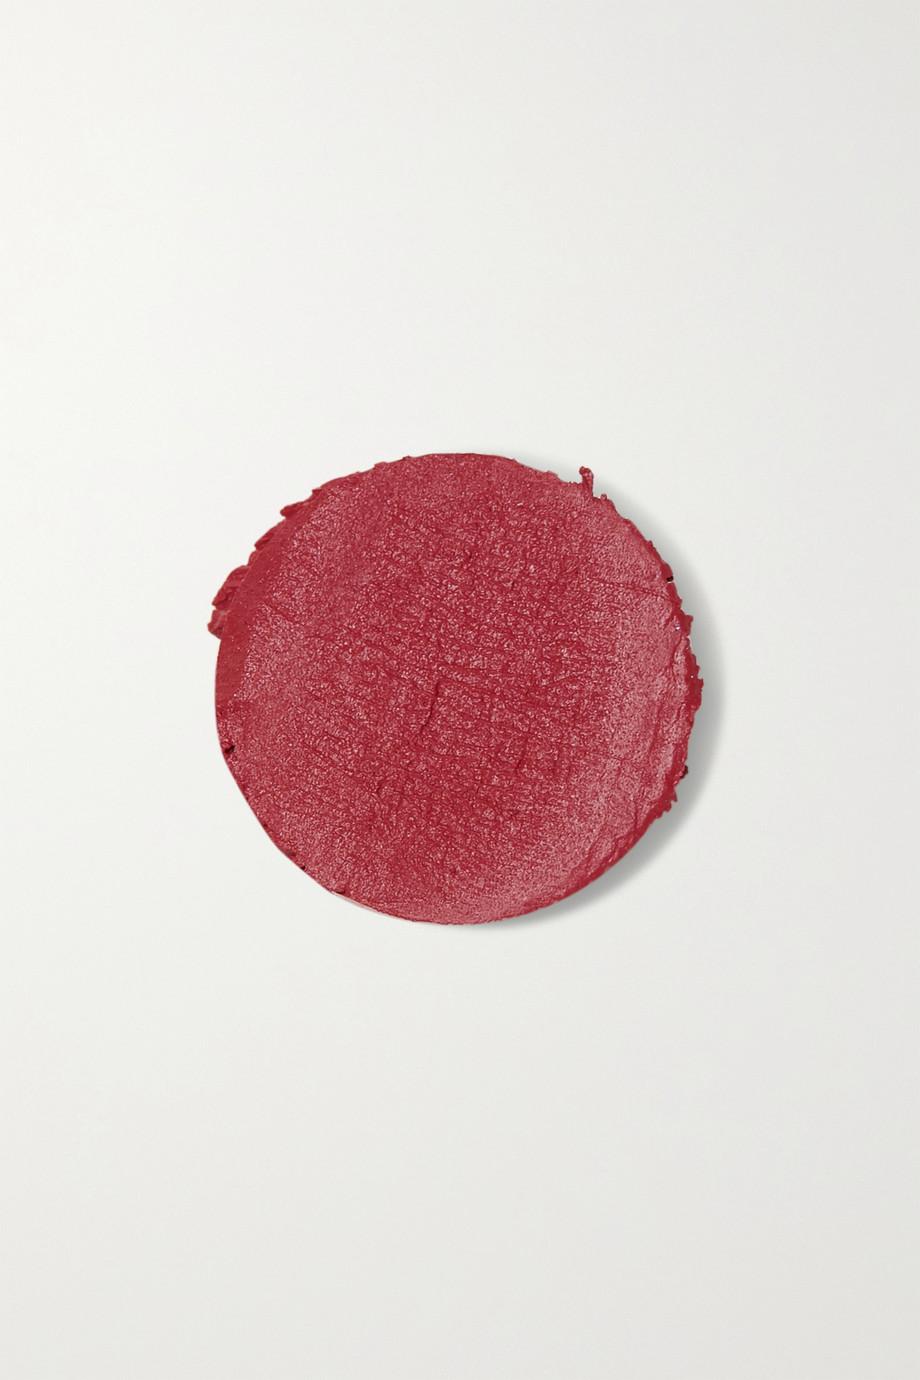 Ilia Color Block Lipstick - Rococco